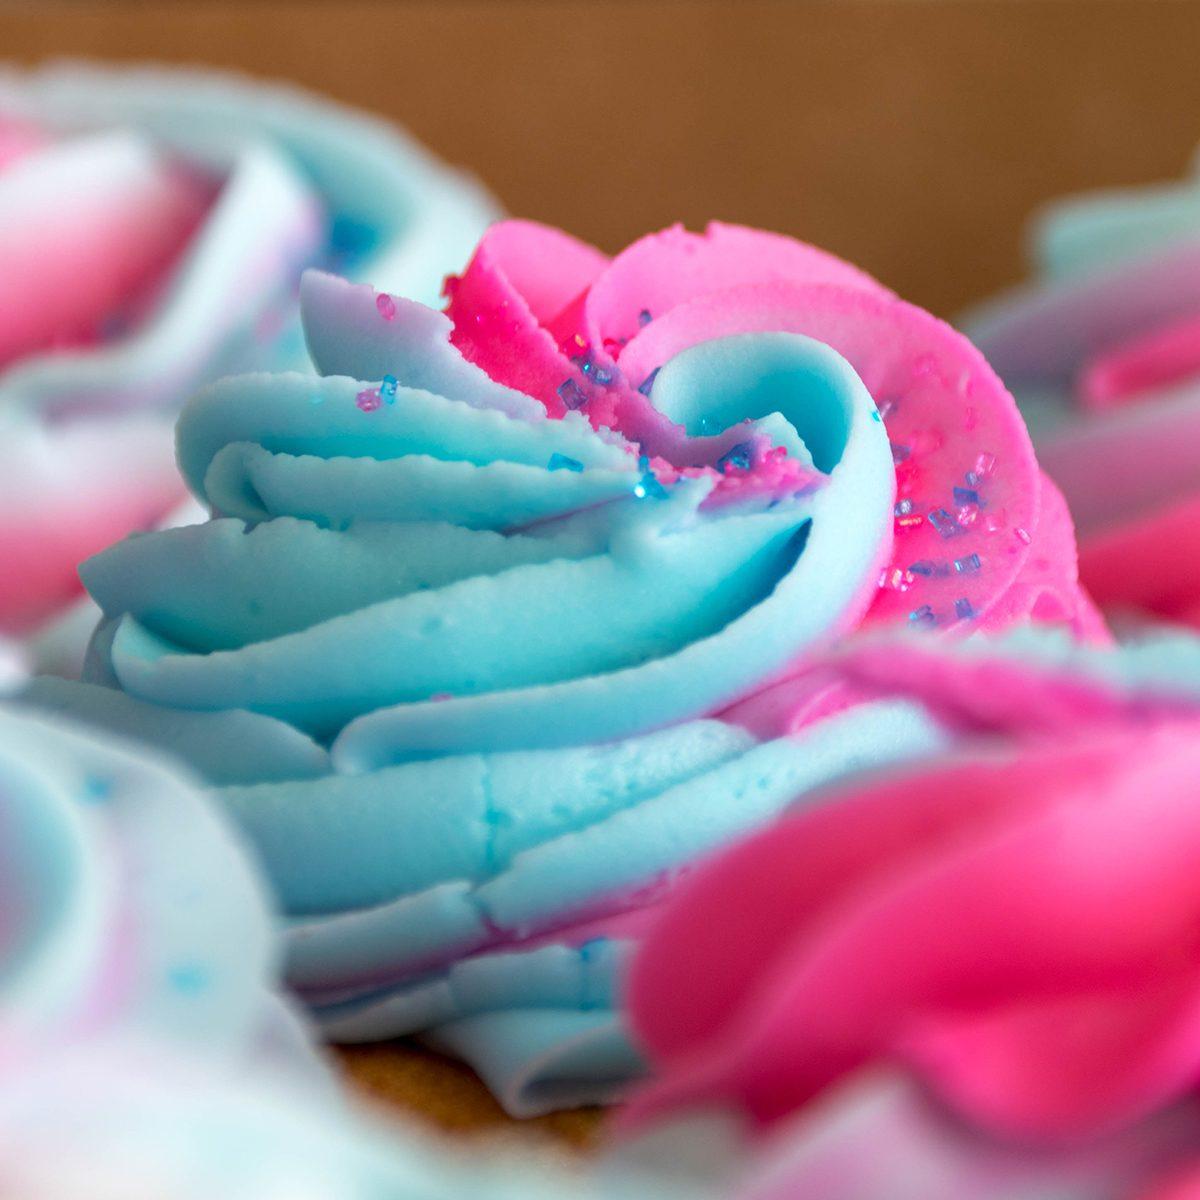 Blue & pink cupcake